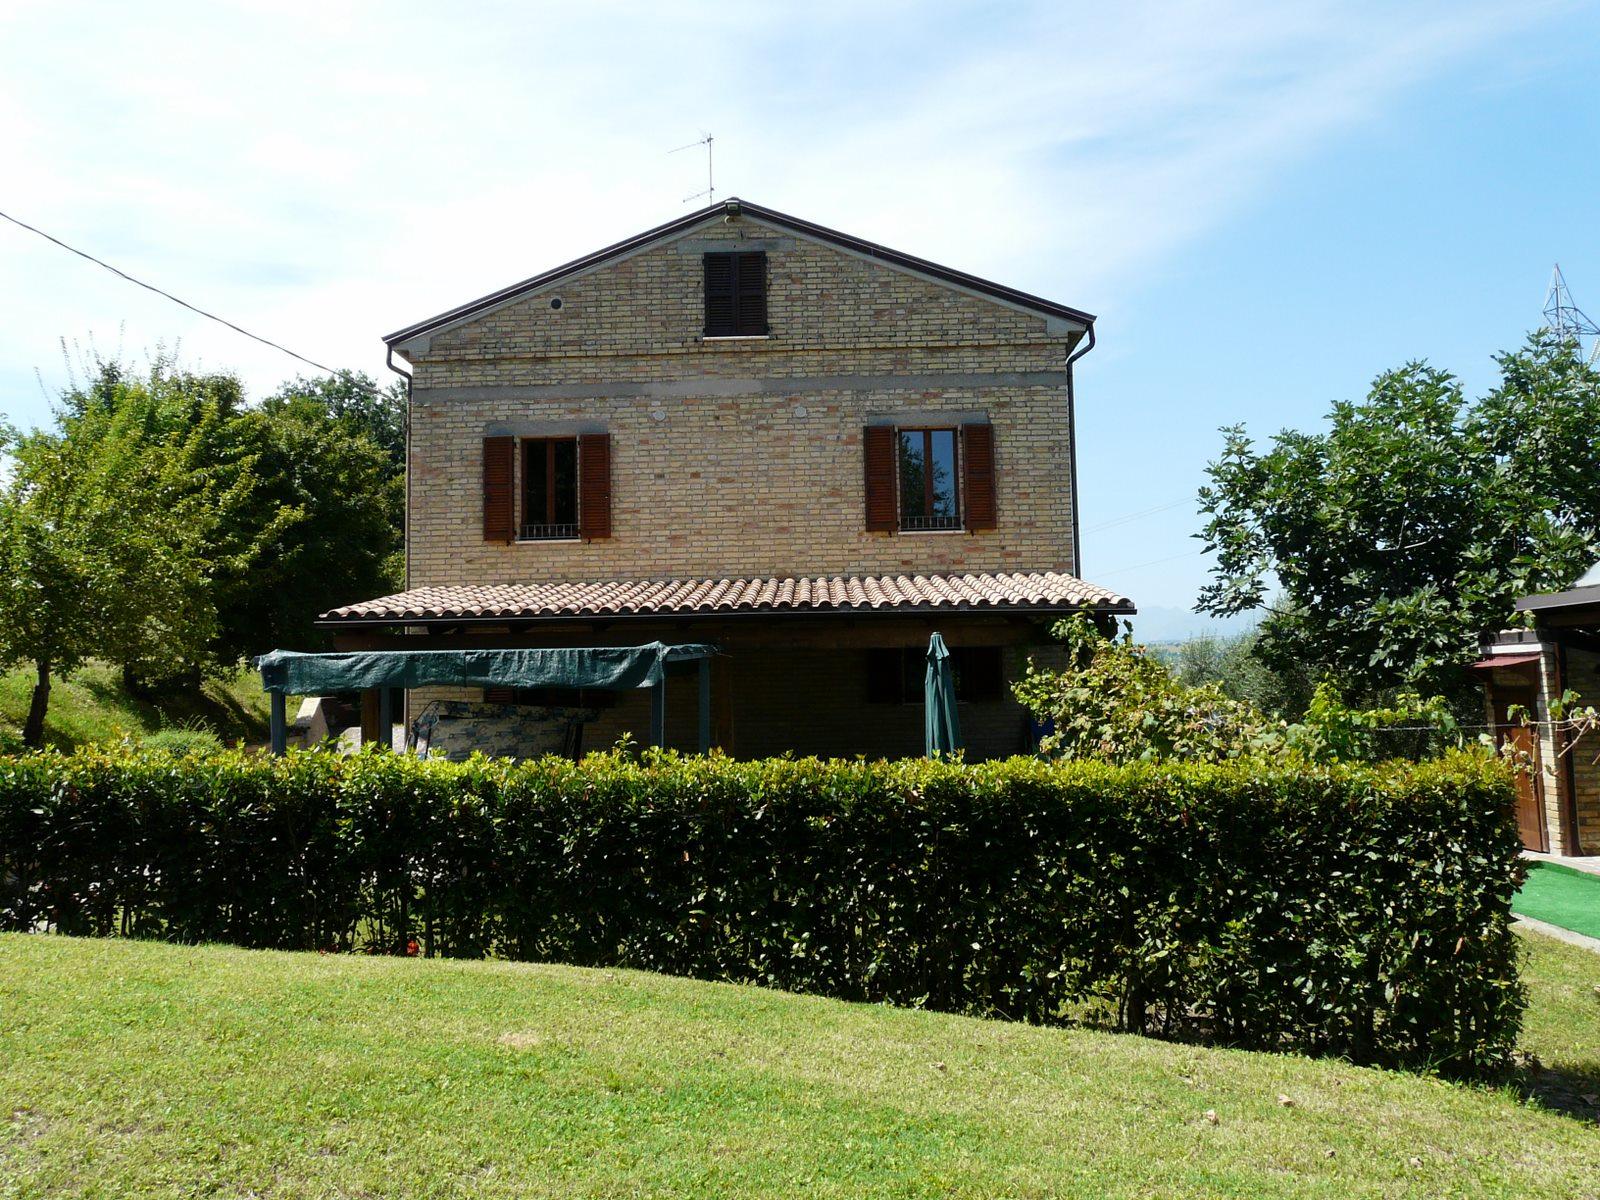 Ferienhaus La Priora (870401), Montedinove, Ascoli Piceno, Marken, Italien, Bild 29